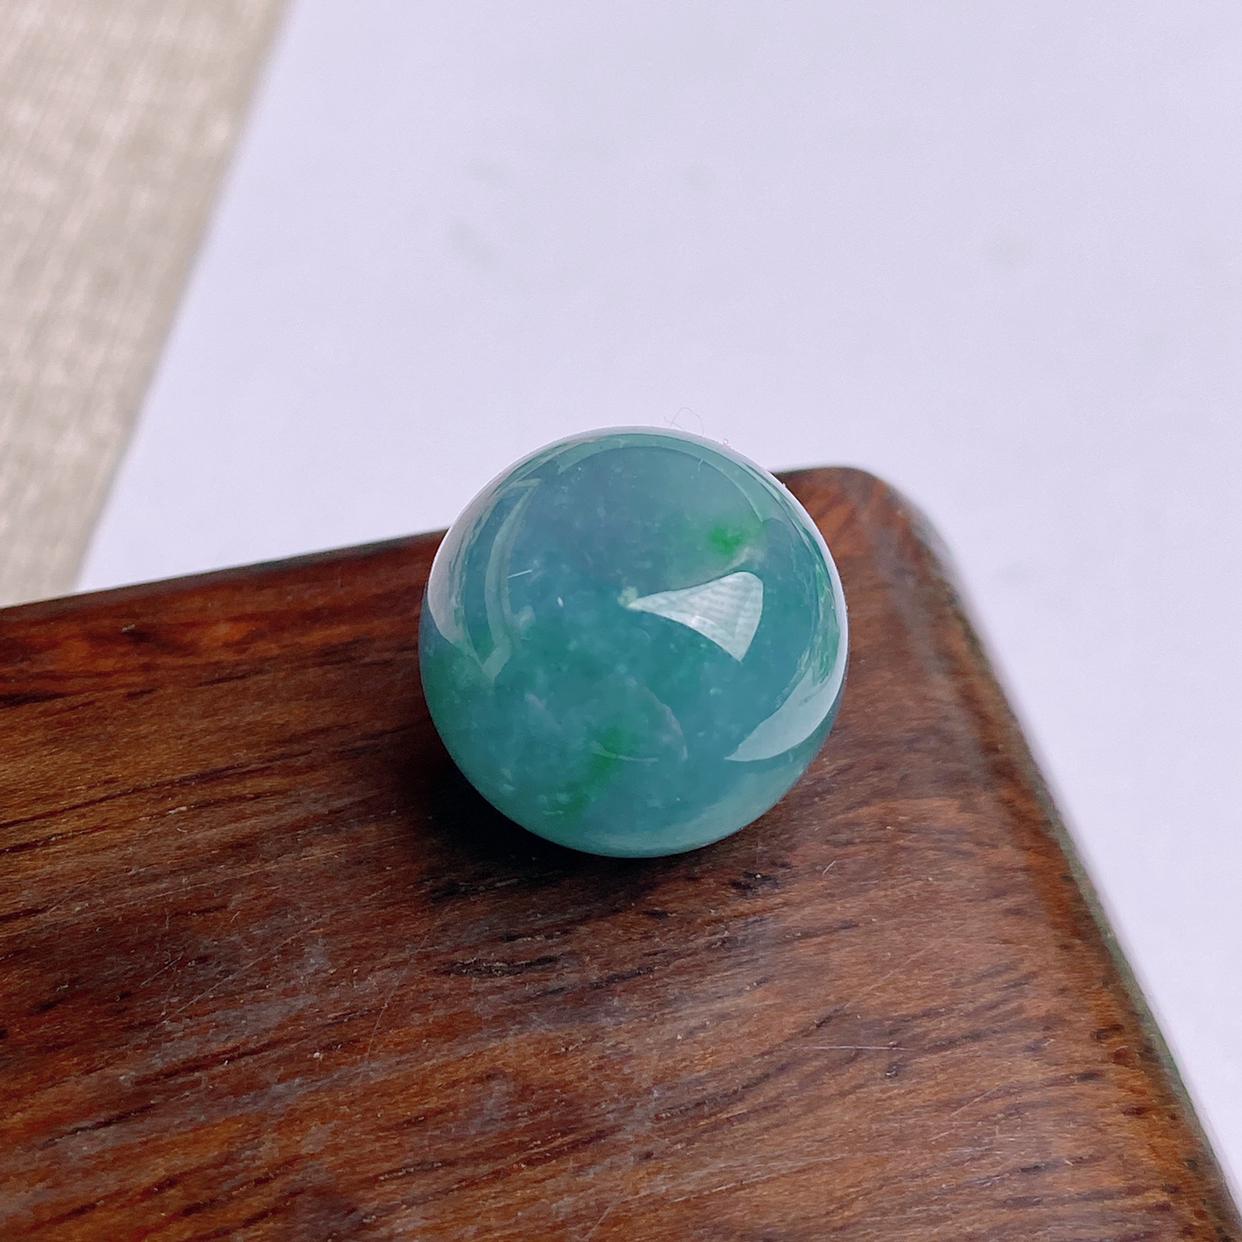 A货翡翠-种好紫罗兰圆珠镶嵌件,尺寸-15.6*14mm